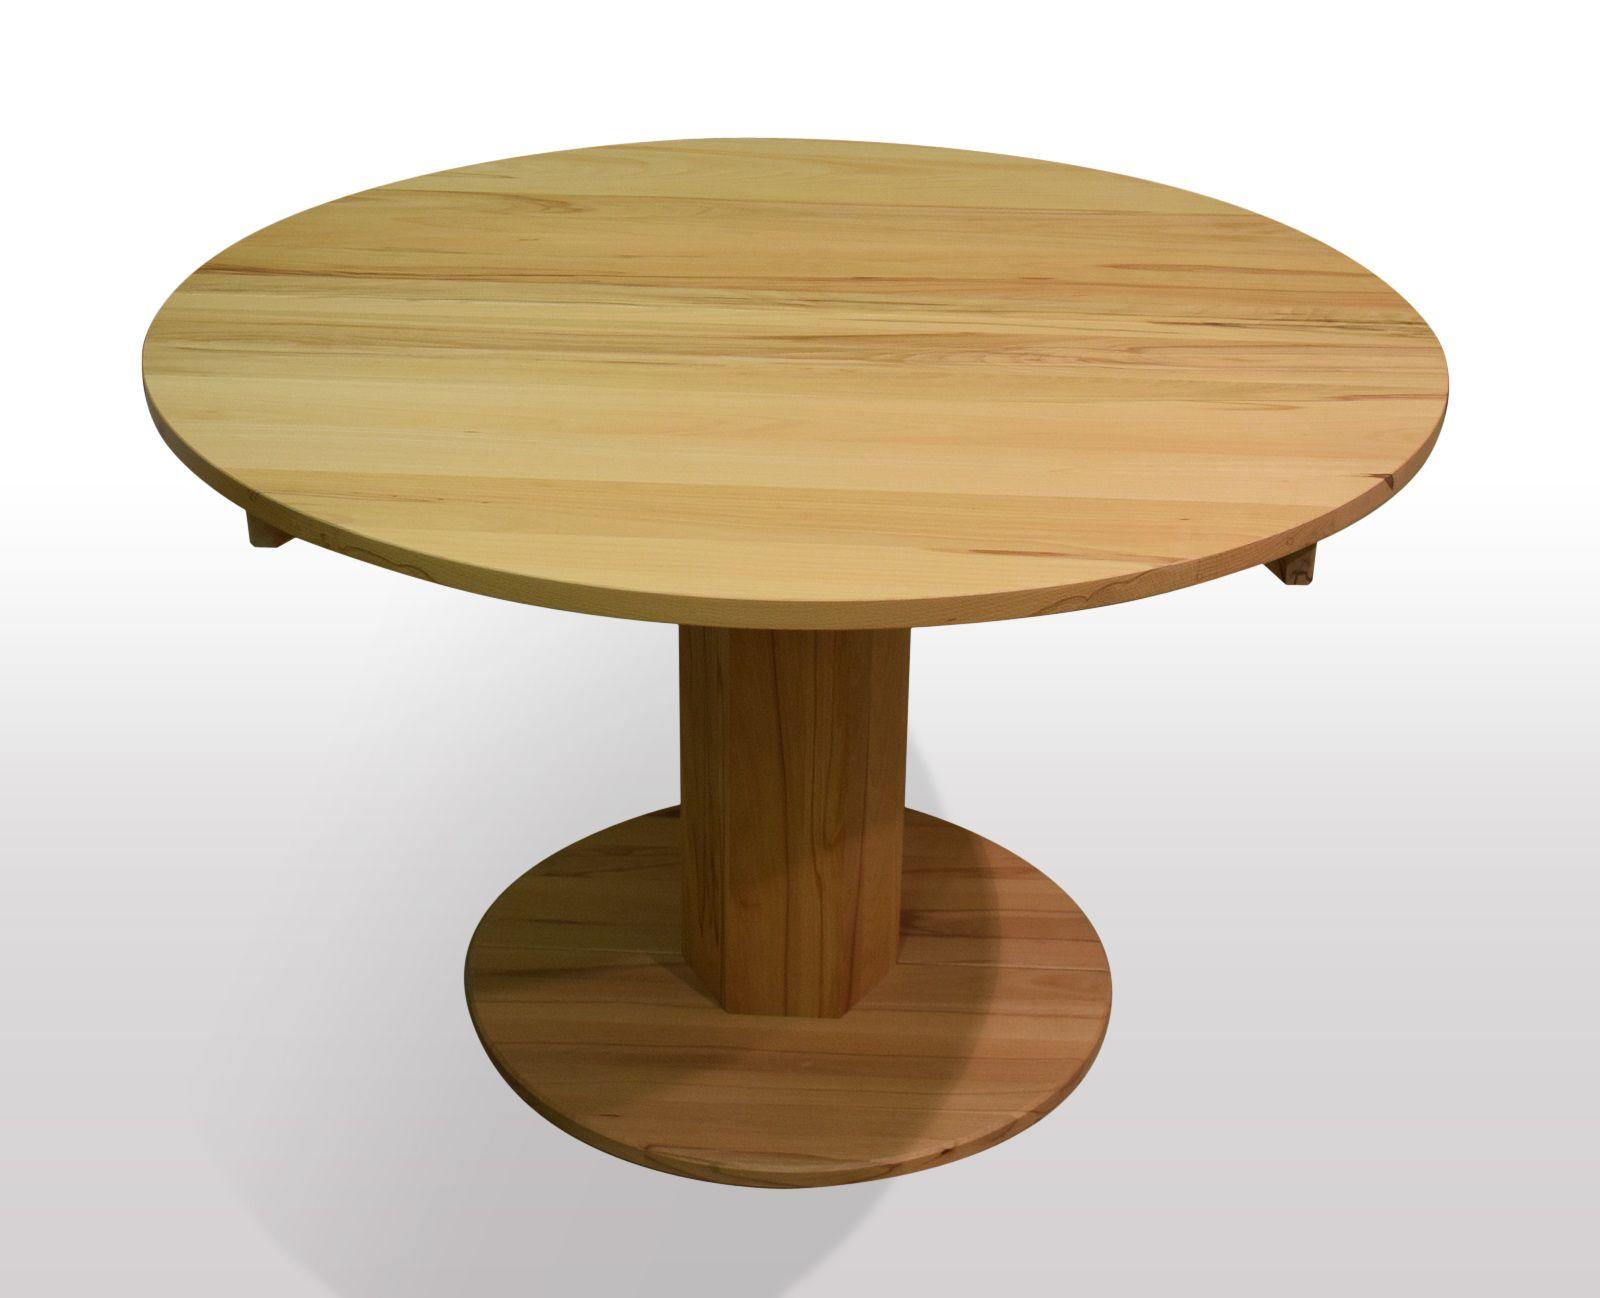 de6ceaf7acebf6850661d0123864ee7f Schöne Runder Tisch Ausziehbar Kaufen Dekorationen